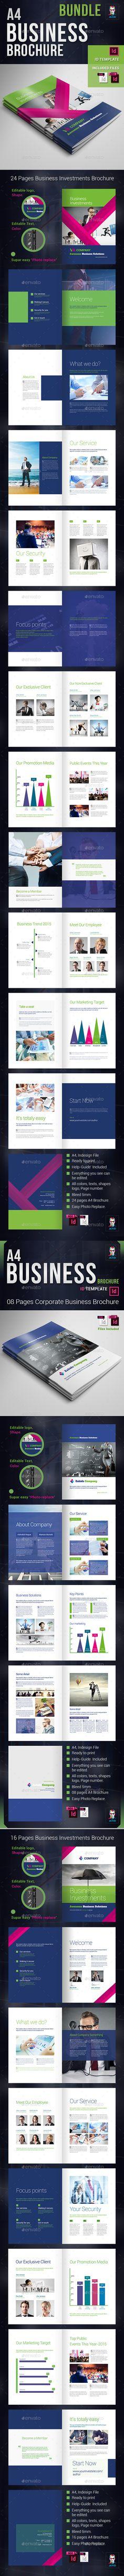 Corporate Business Investment Brochure Templates InDesign INDD Bundle #design Download: http://graphicriver.net/item/corporate-business-investment-brochure-bundle/13508983?ref=ksioks